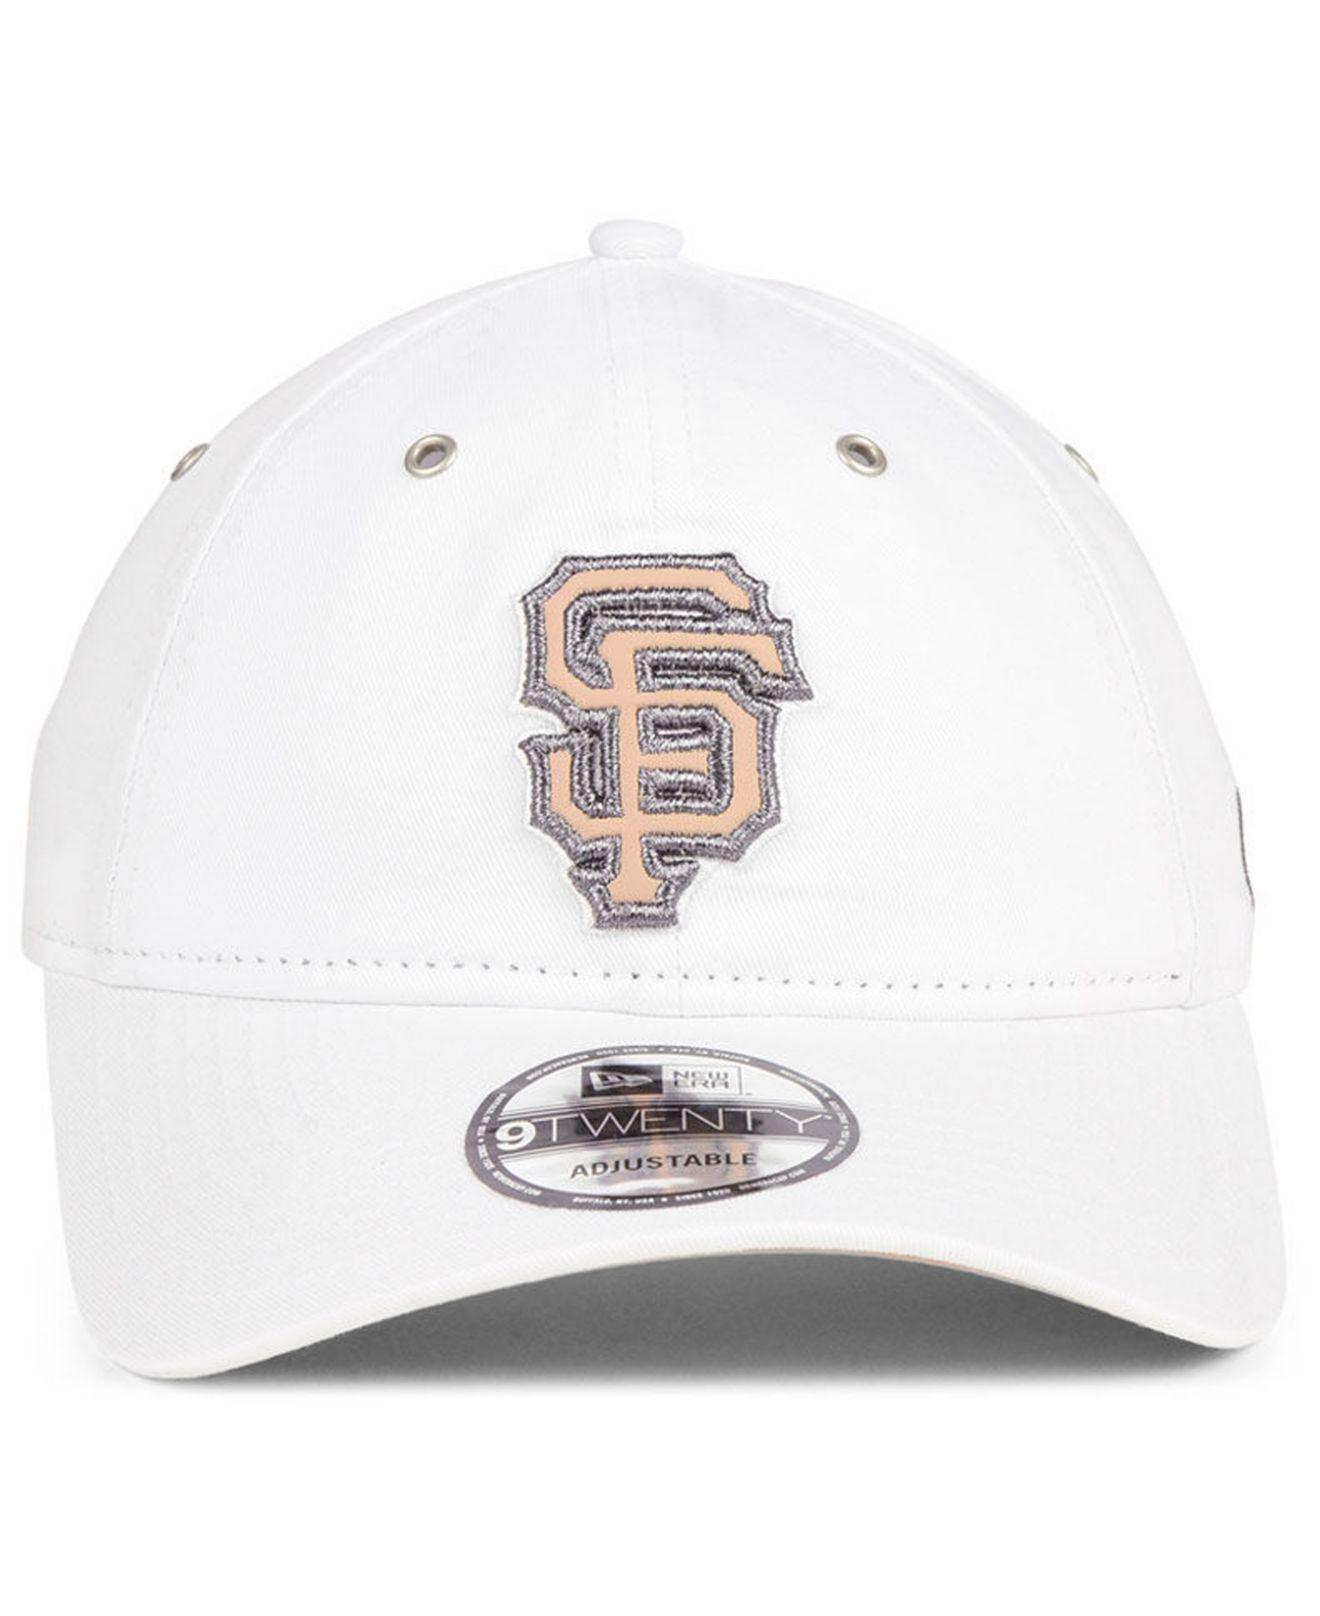 pretty nice on sale check out check out 647dc 606e3 san francisco giants metallic pastel 9twenty ...